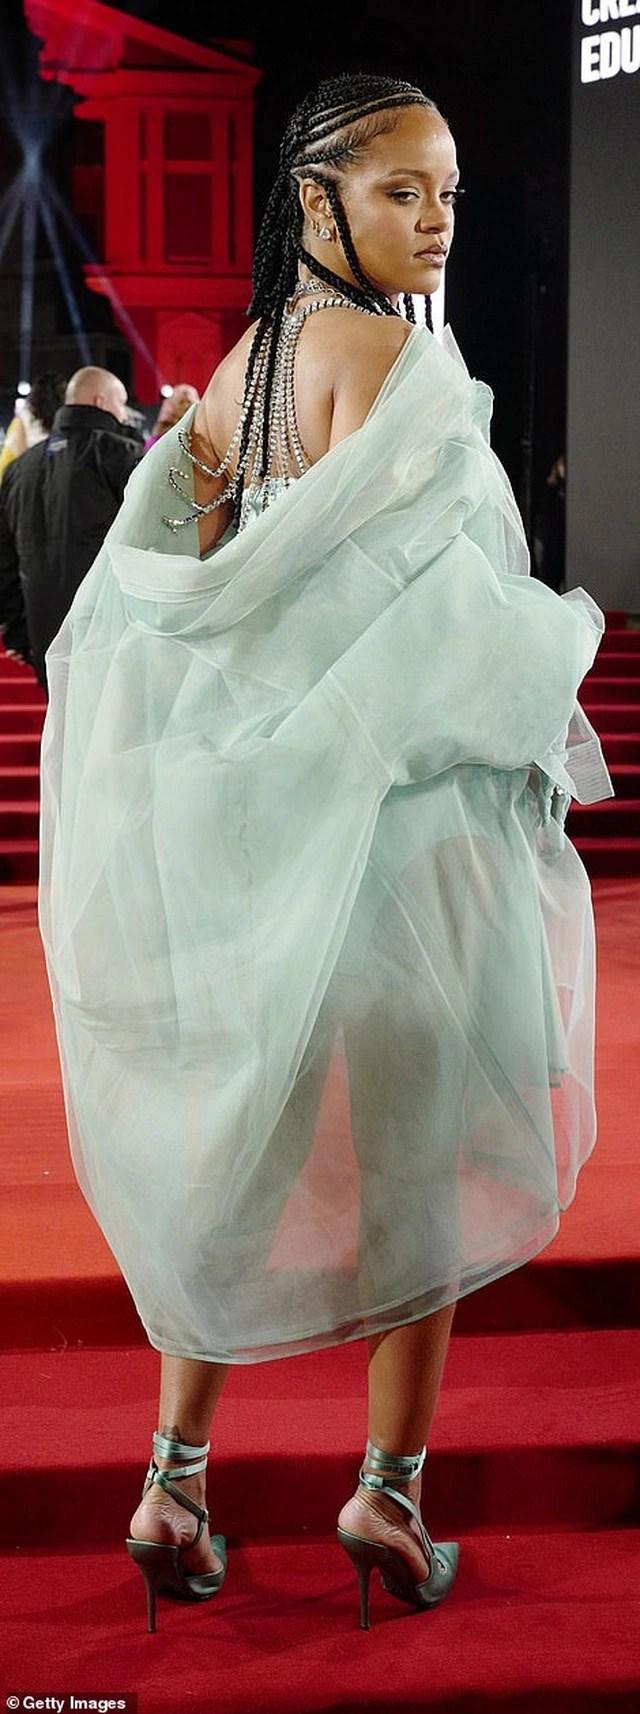 Siêu mẫu bạch biến khoe ngực căng đầy tại lễ trao giải thời trang Anh quốc - 11